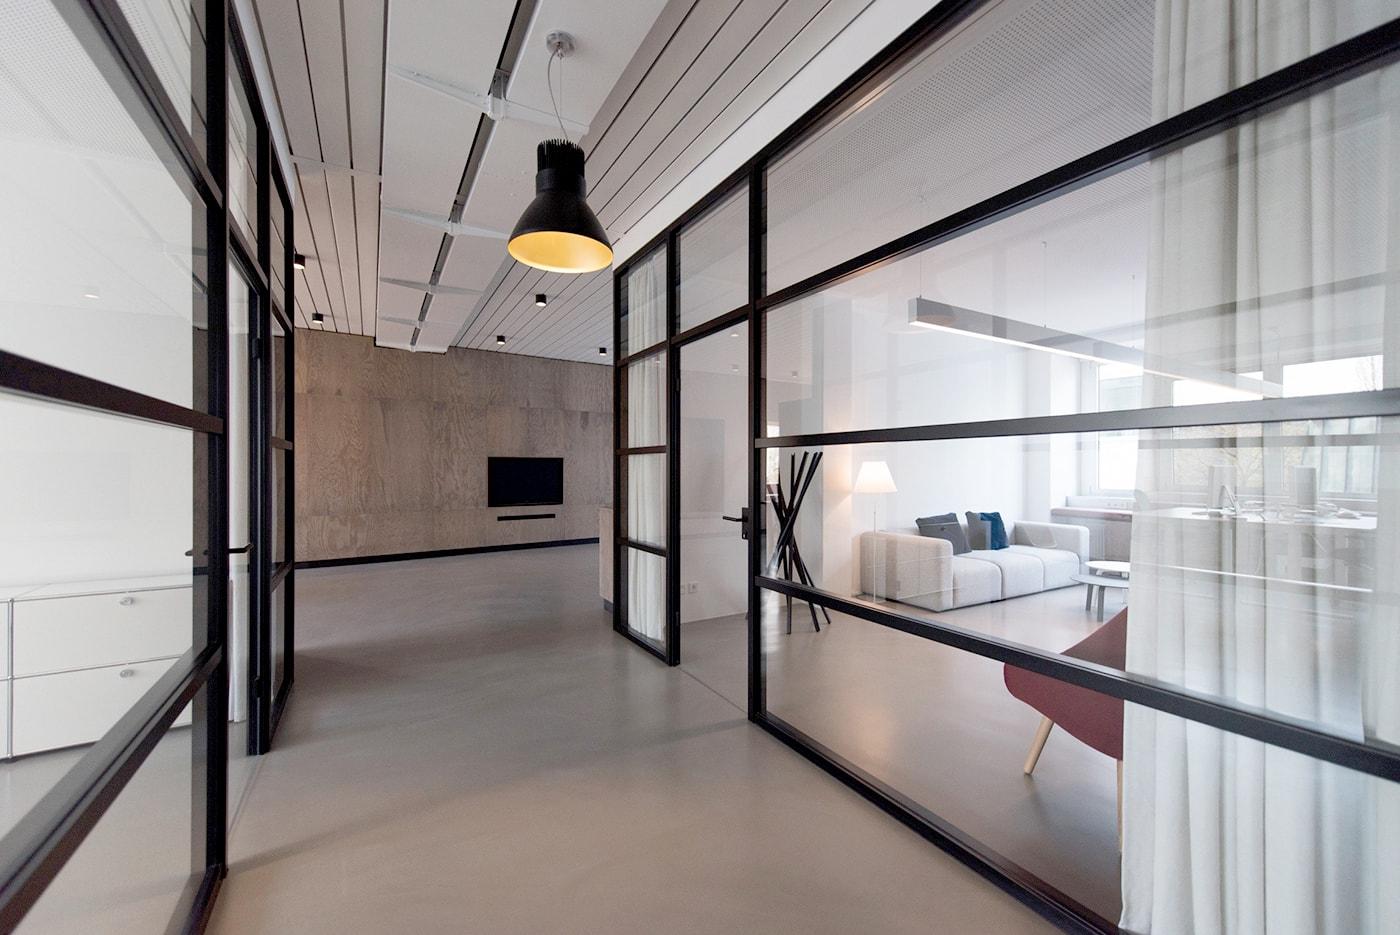 Innenarchitekt f r innendesign moderne inneneinrichtung praxisplanung - Innenarchitektur aachen ...